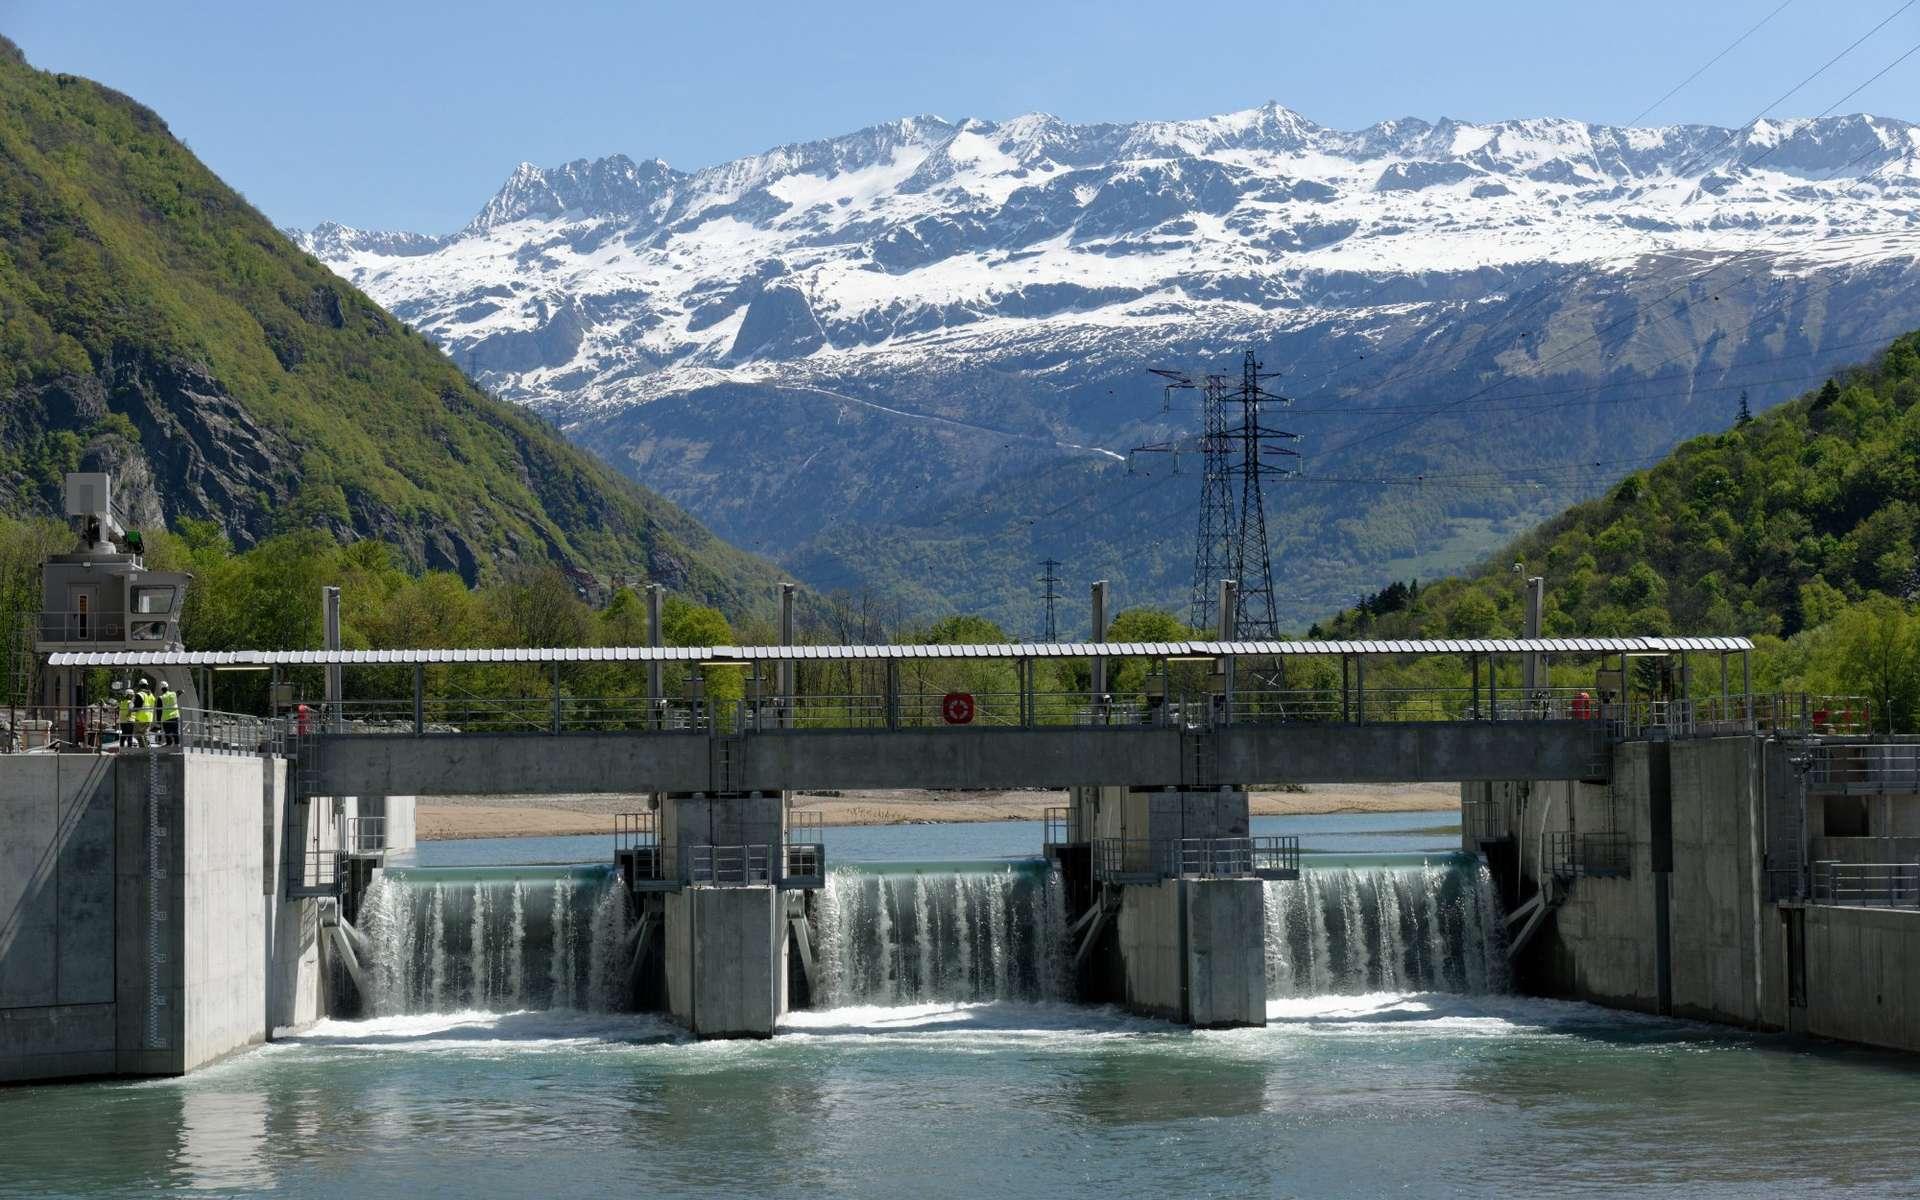 La vallée de la Romanche, étroite, descend vers l'Isère. © EDF